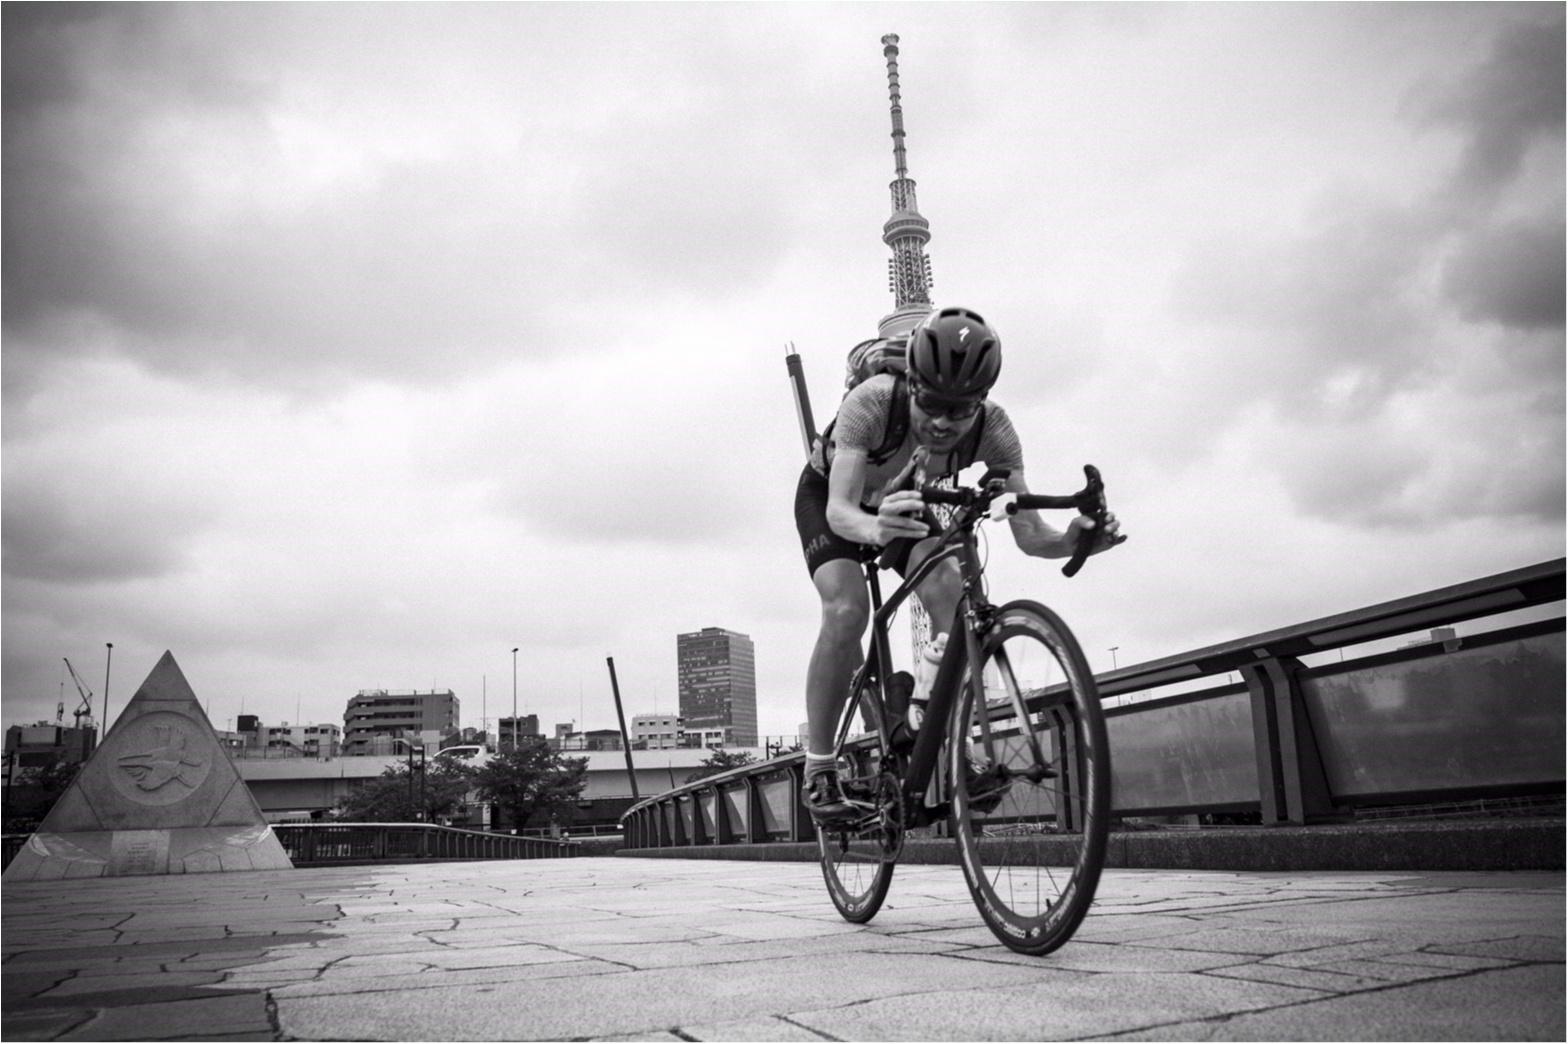 東京が小さく感じられる!ロードバイクならすいすい♪練習のお楽しみは築地で海鮮♥ #ツール・ド・東北【#モアチャレ あかね】_6